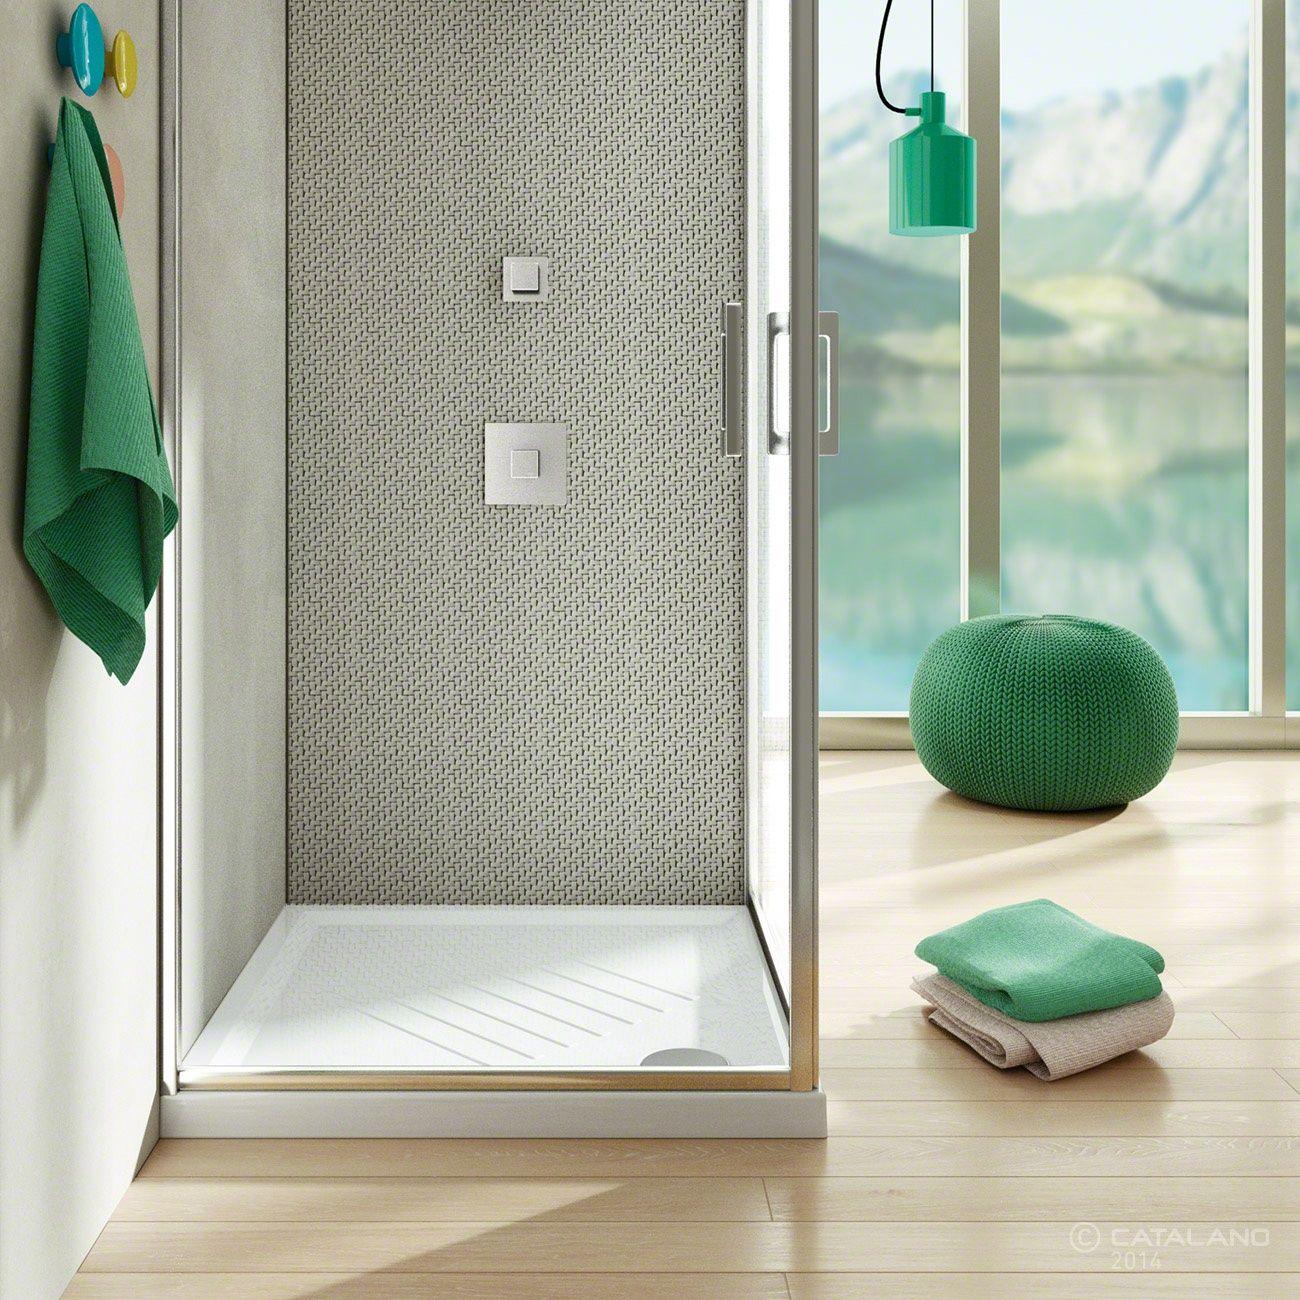 Piatti doccia Verso 90x90 Doccia, Arredamento bagno